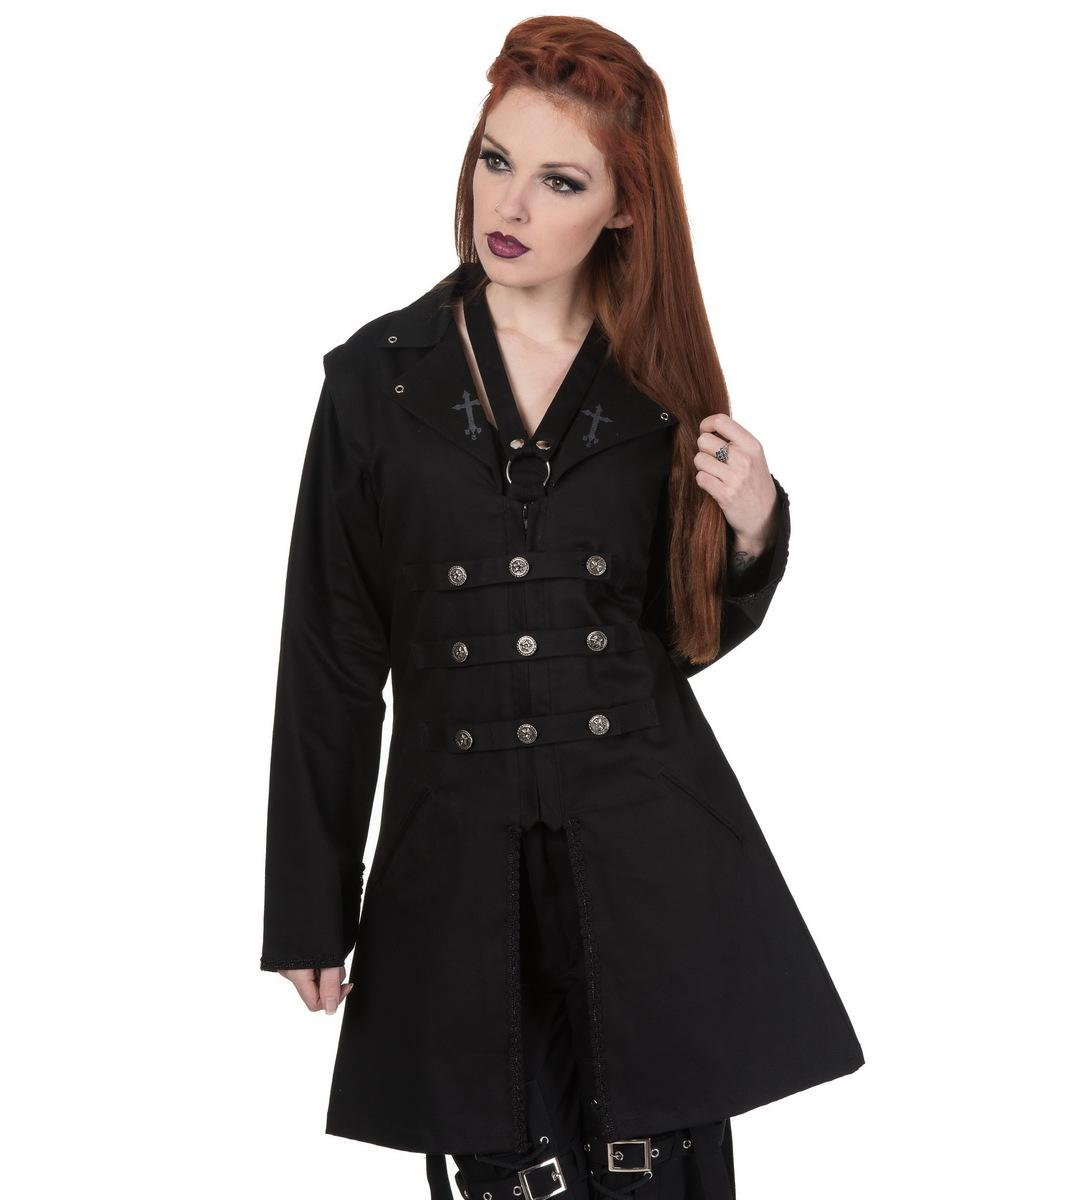 kabát dámský DEAD THREADS - LJ9858